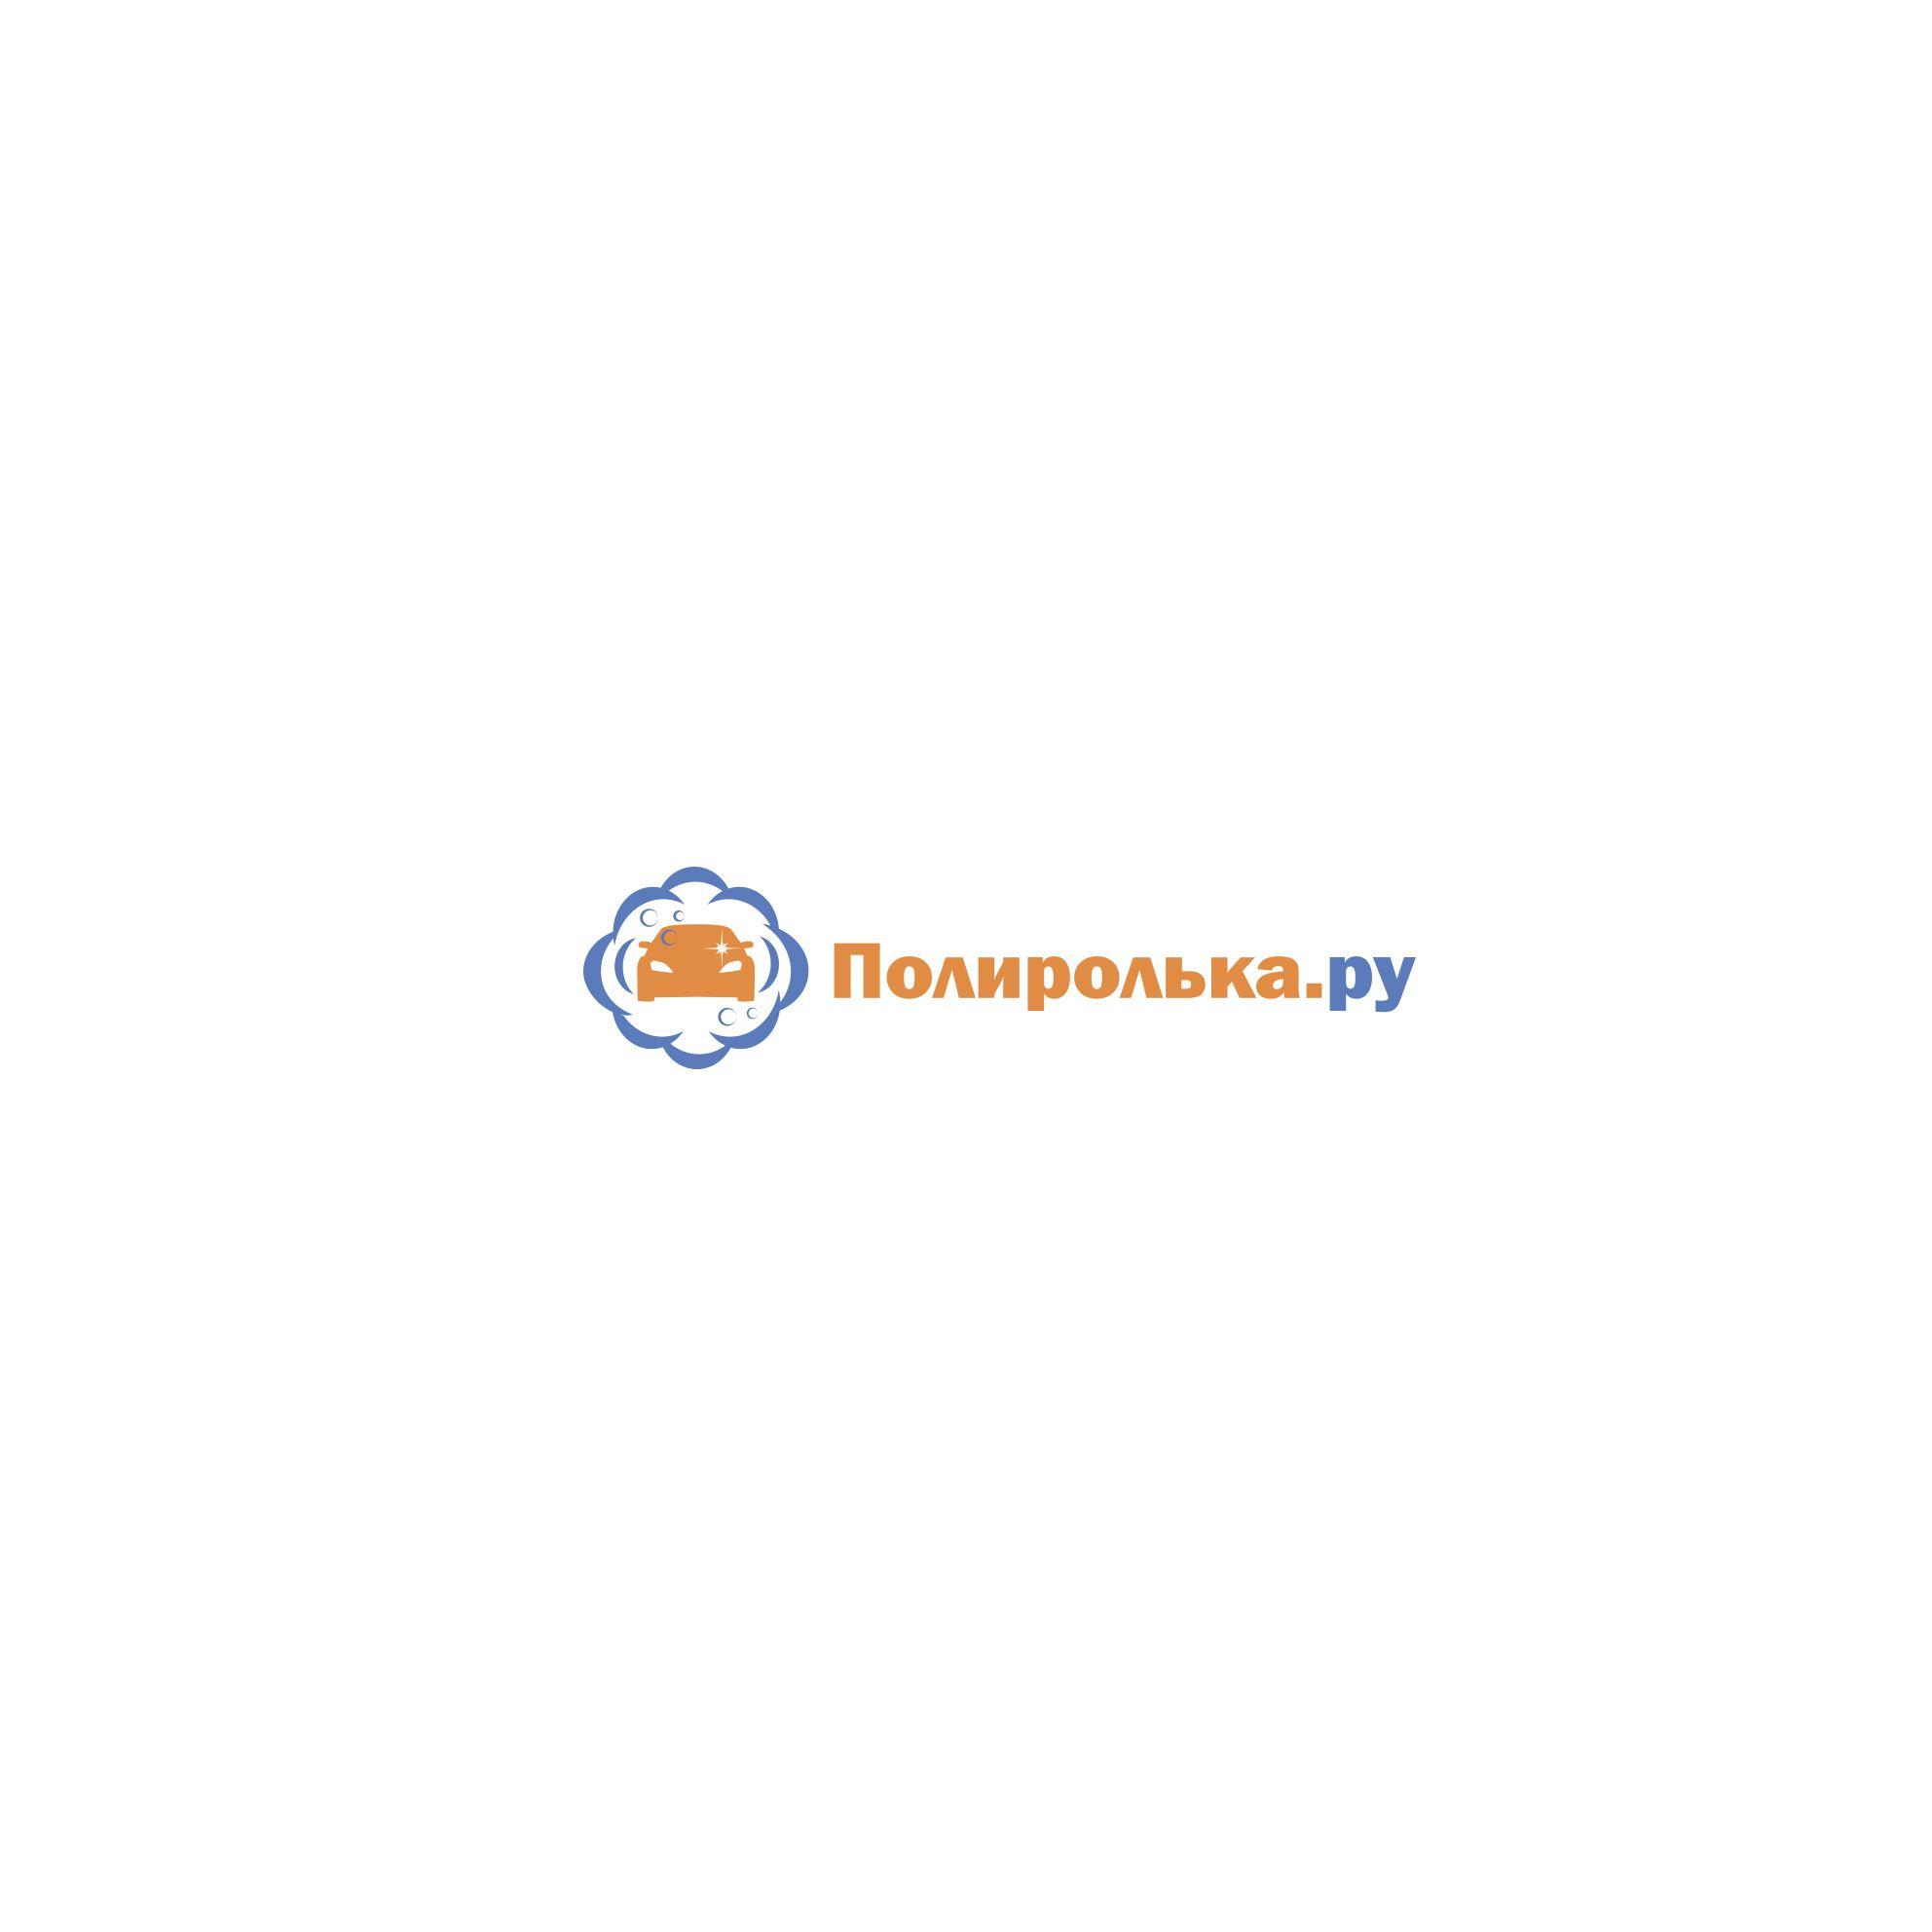 Логотип для интернет-магазина Полиролька.ру - дизайнер mkravchenko